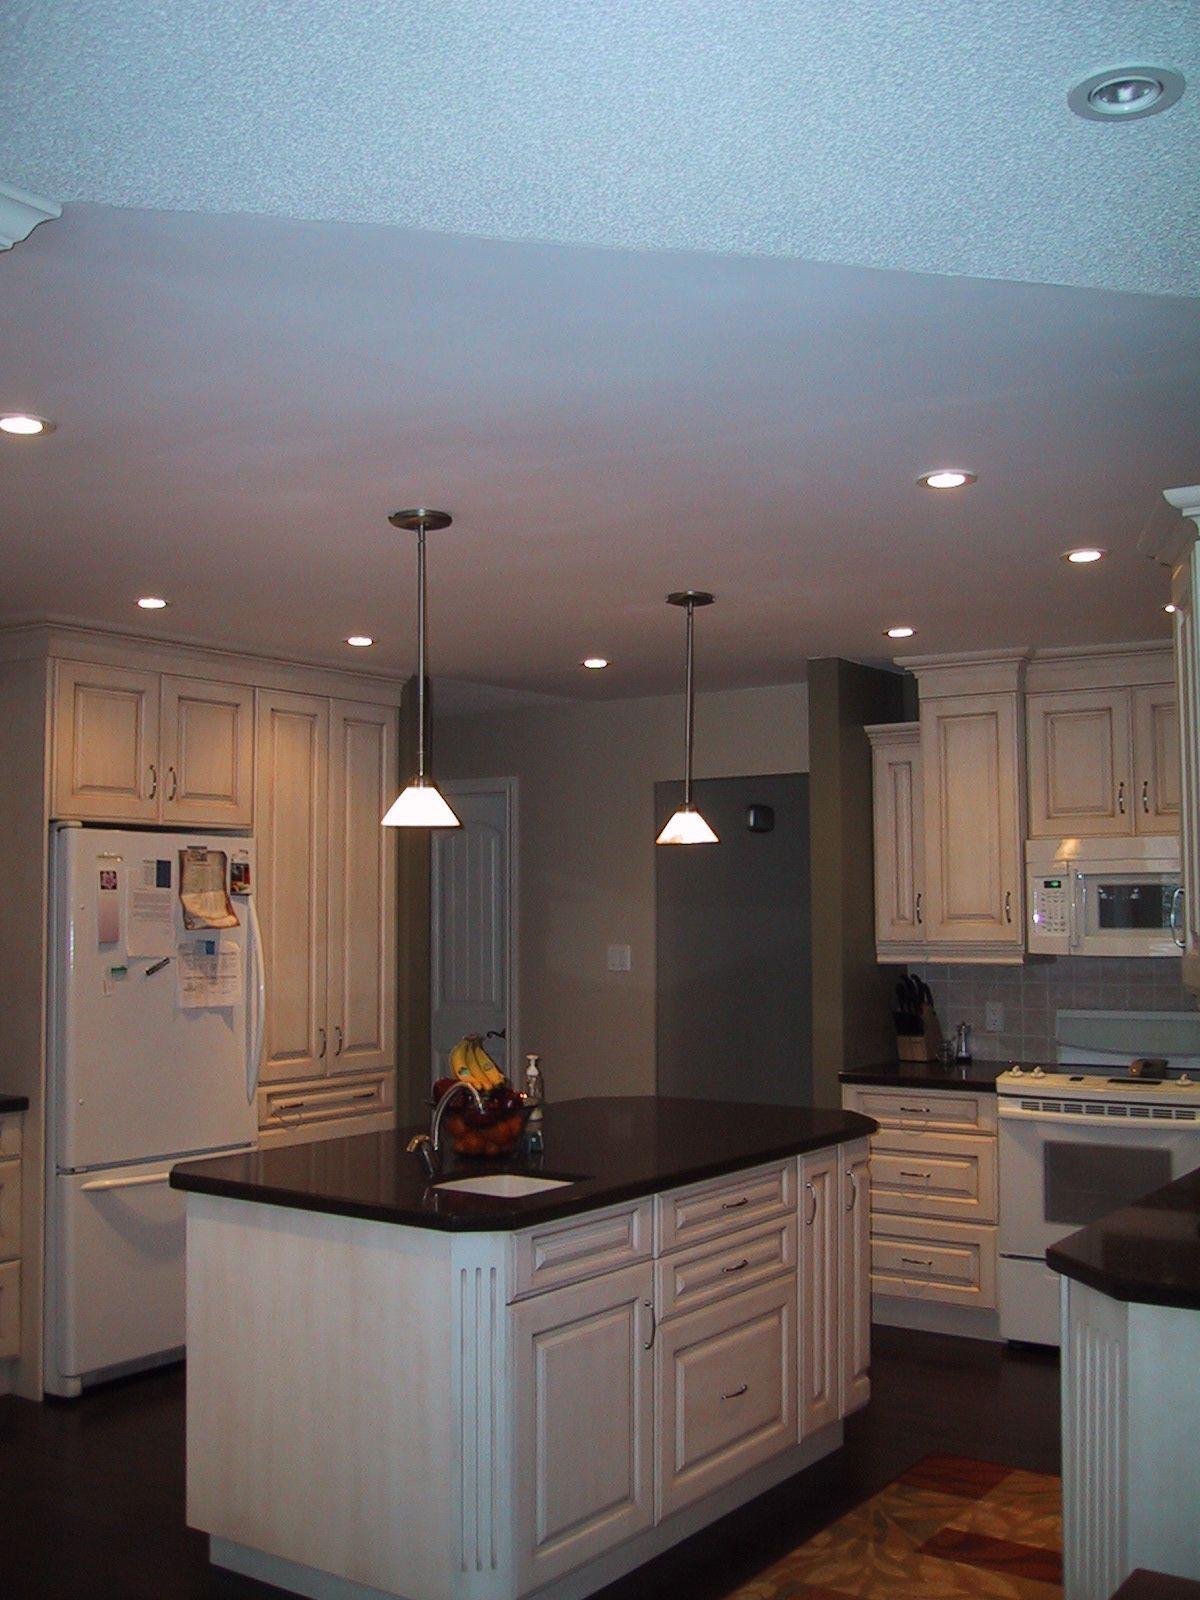 Ideen für die Küchenbeleuchtung Die besten Beleuchtungskörper für ...